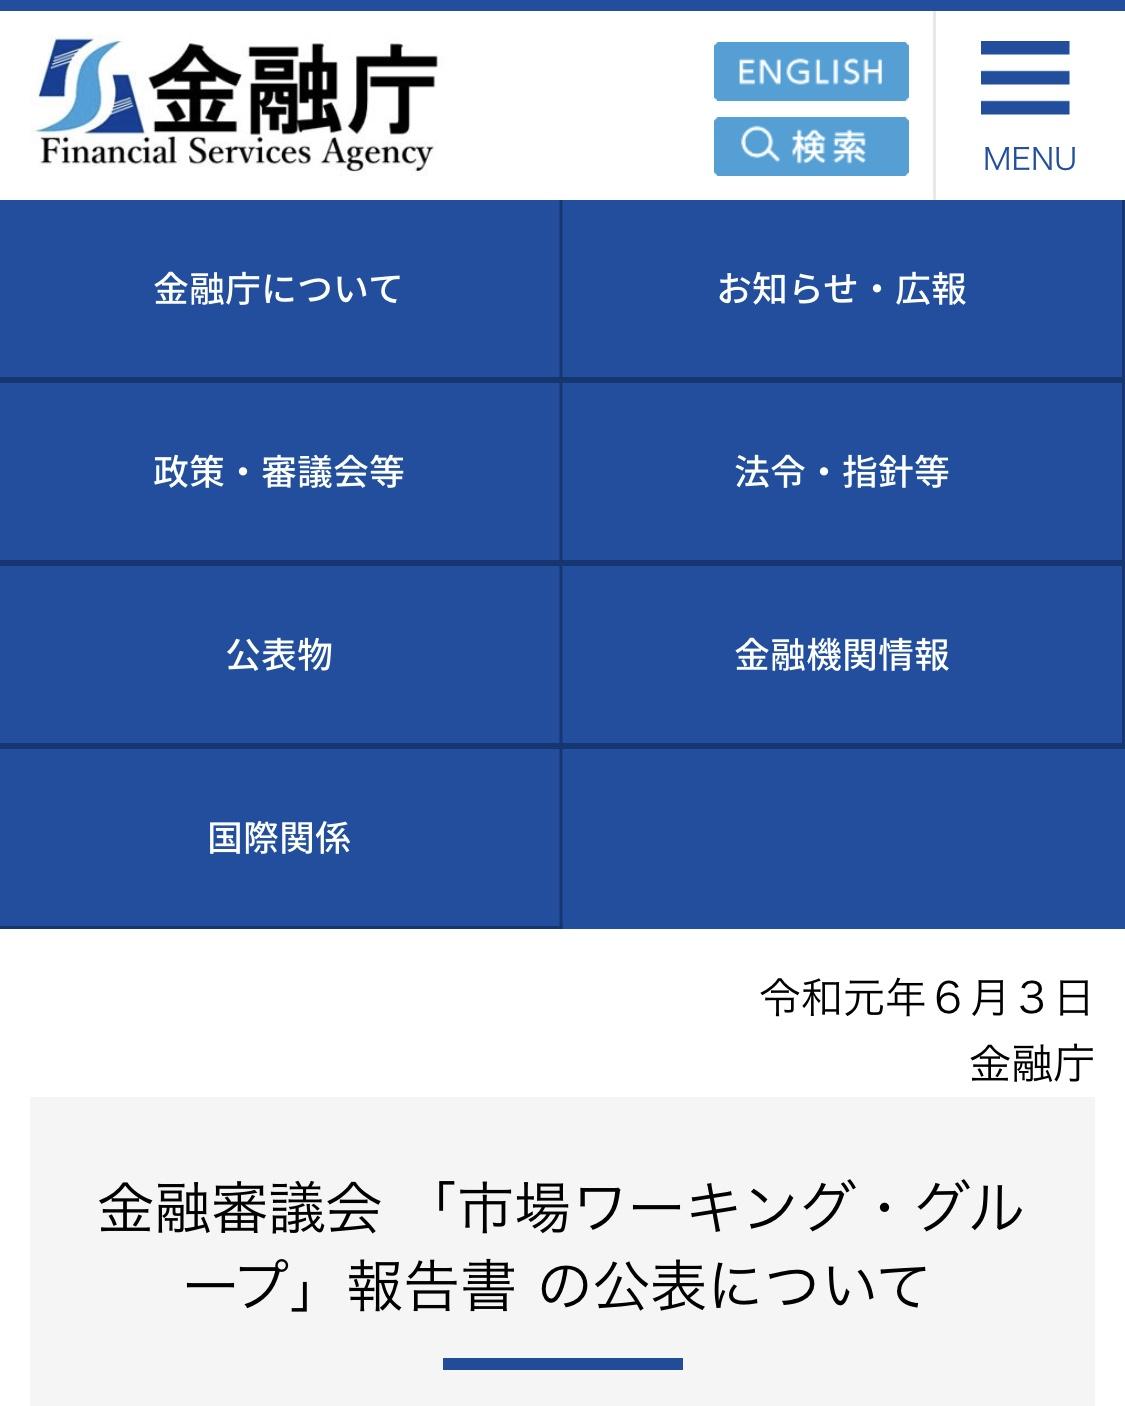 金融庁の金融審議会「市場ワーキンググループ」の報告書の公表について 「いわゆる2,000万円問題」